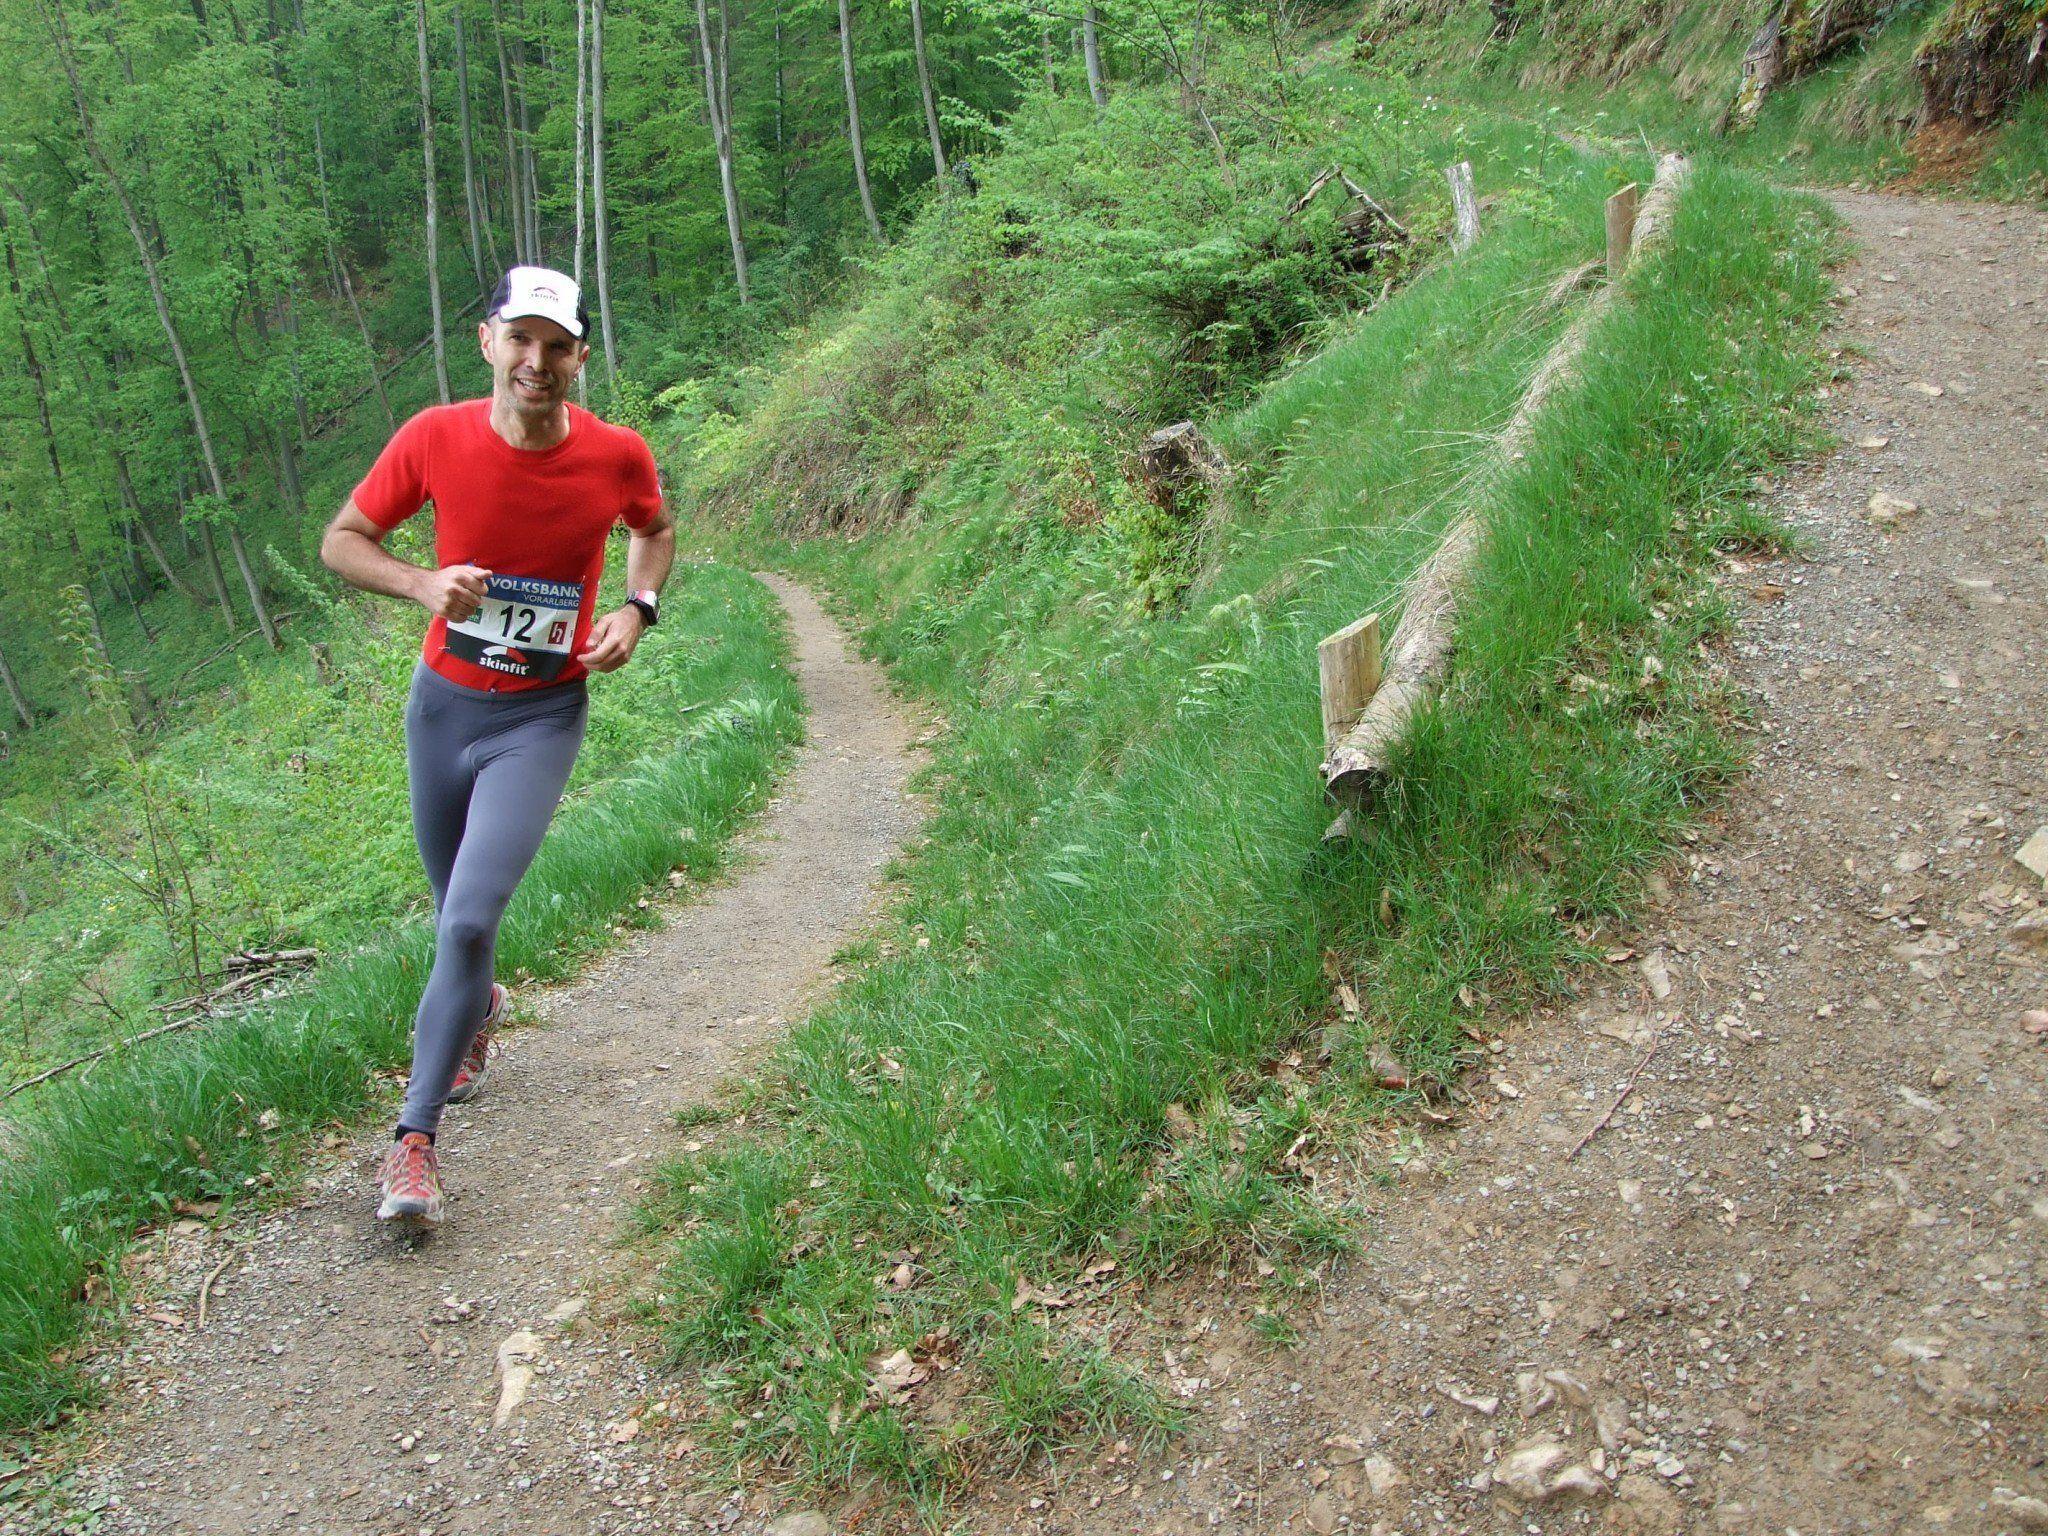 Die 7. Auflage des Hohenemser Schlossberglauf lockt die Topathleten in die Grafenstadt.